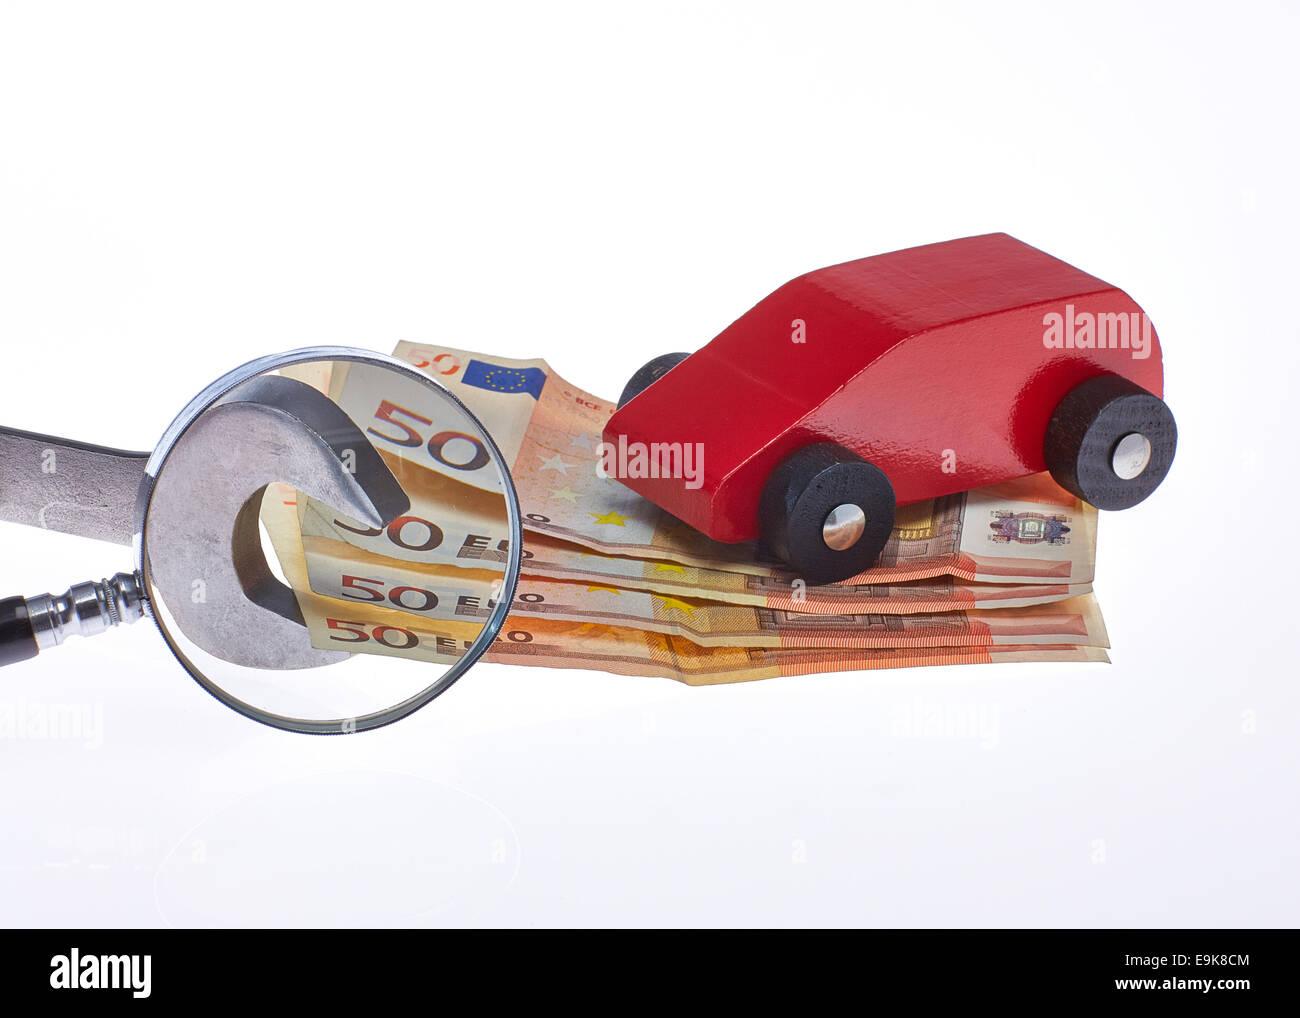 Auto Kosten prüfen der Werkstatt Rechnung mit Lupe - Stock Image